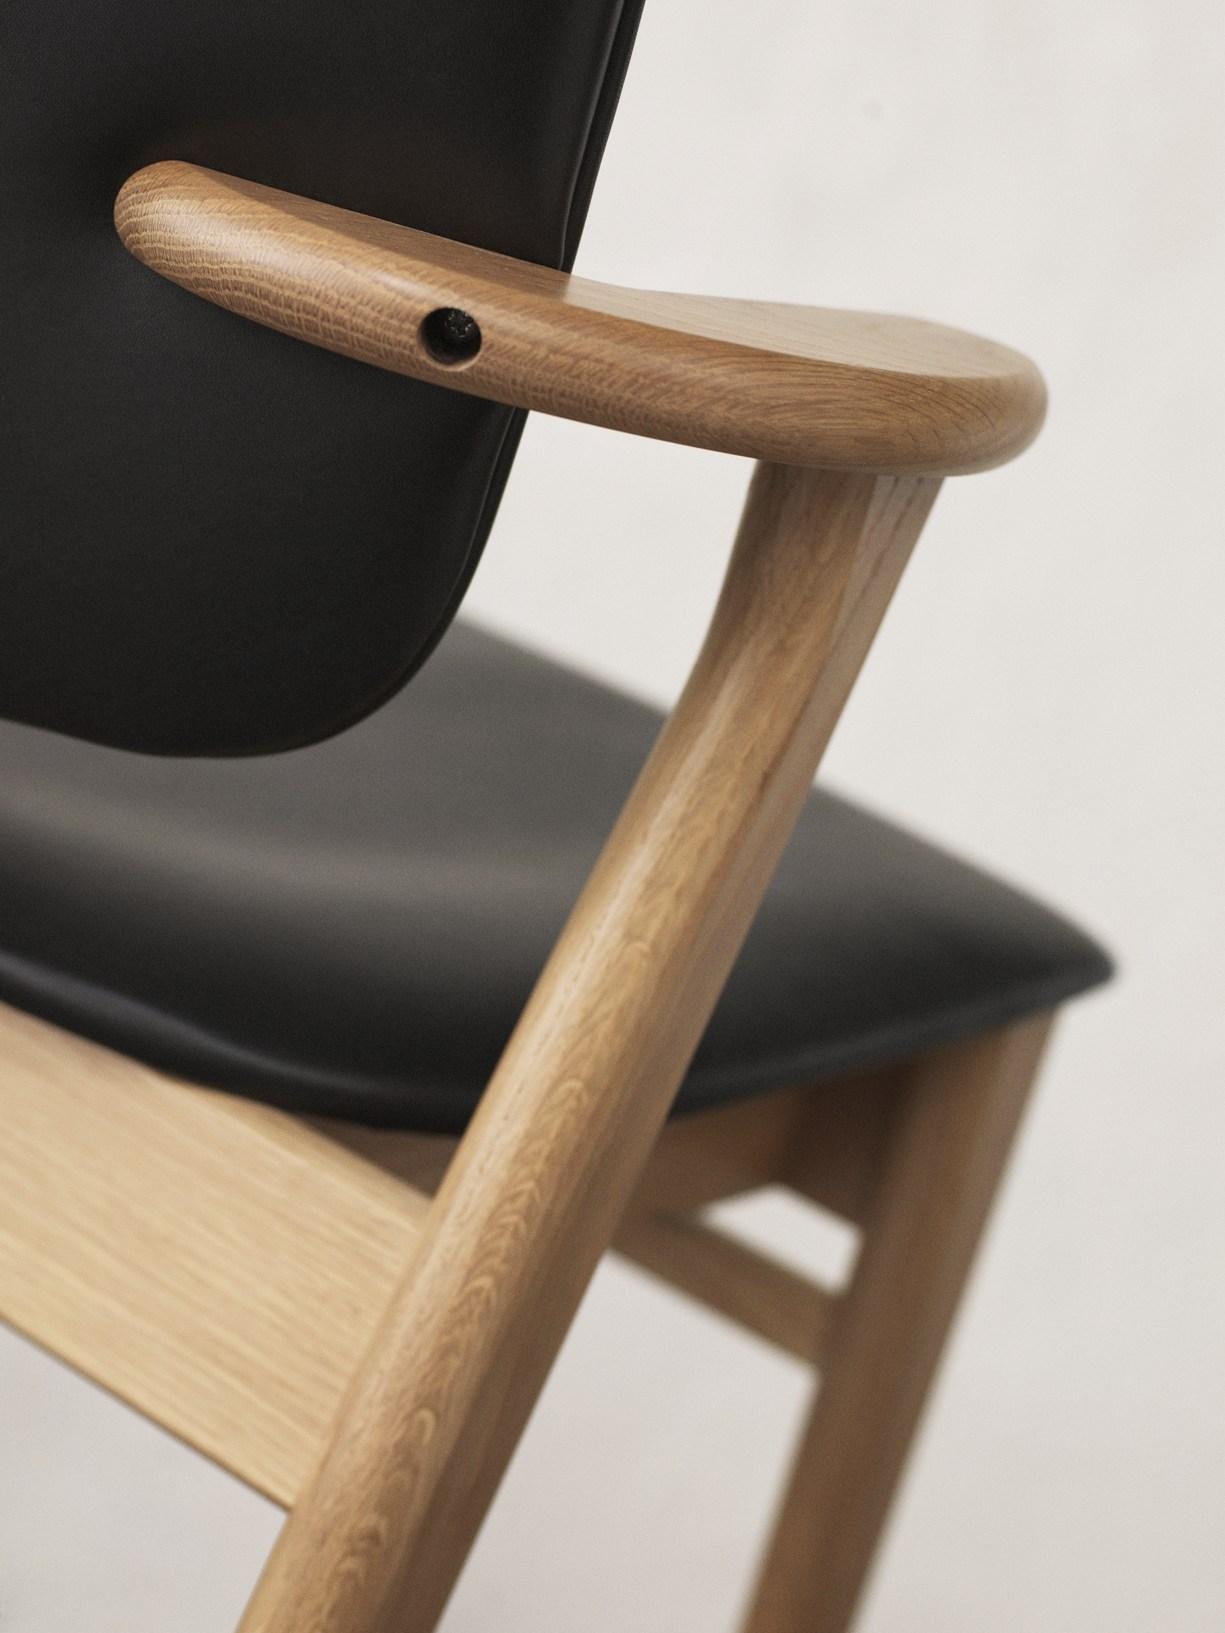 Domus Chair by Ilmari Tapiovaara for Artek